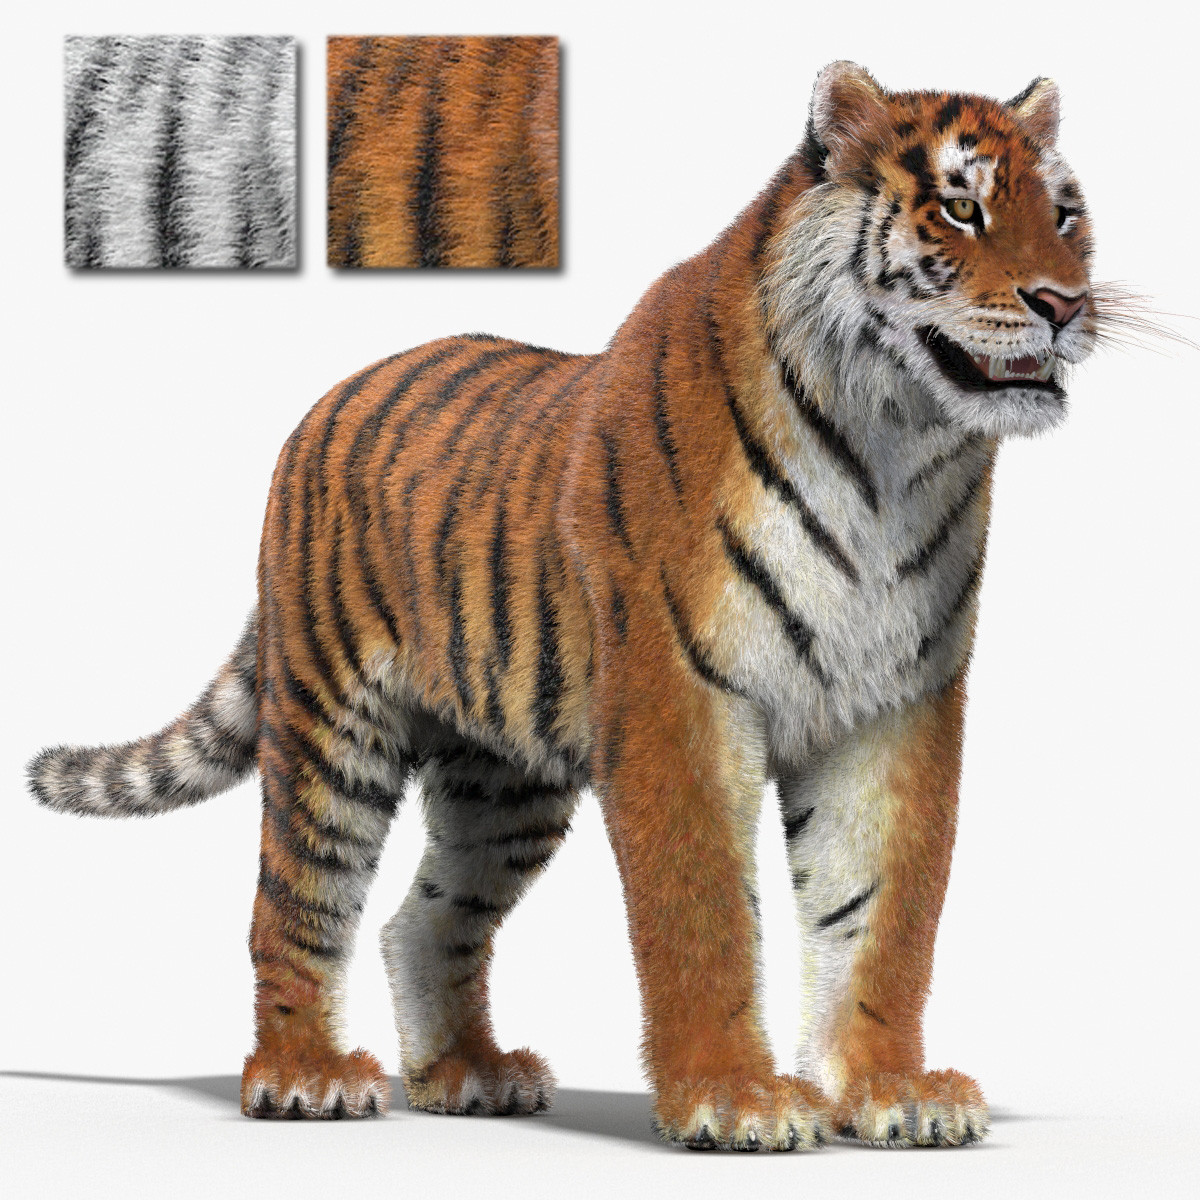 Tiger-Fur-3d-Model-00.jpg